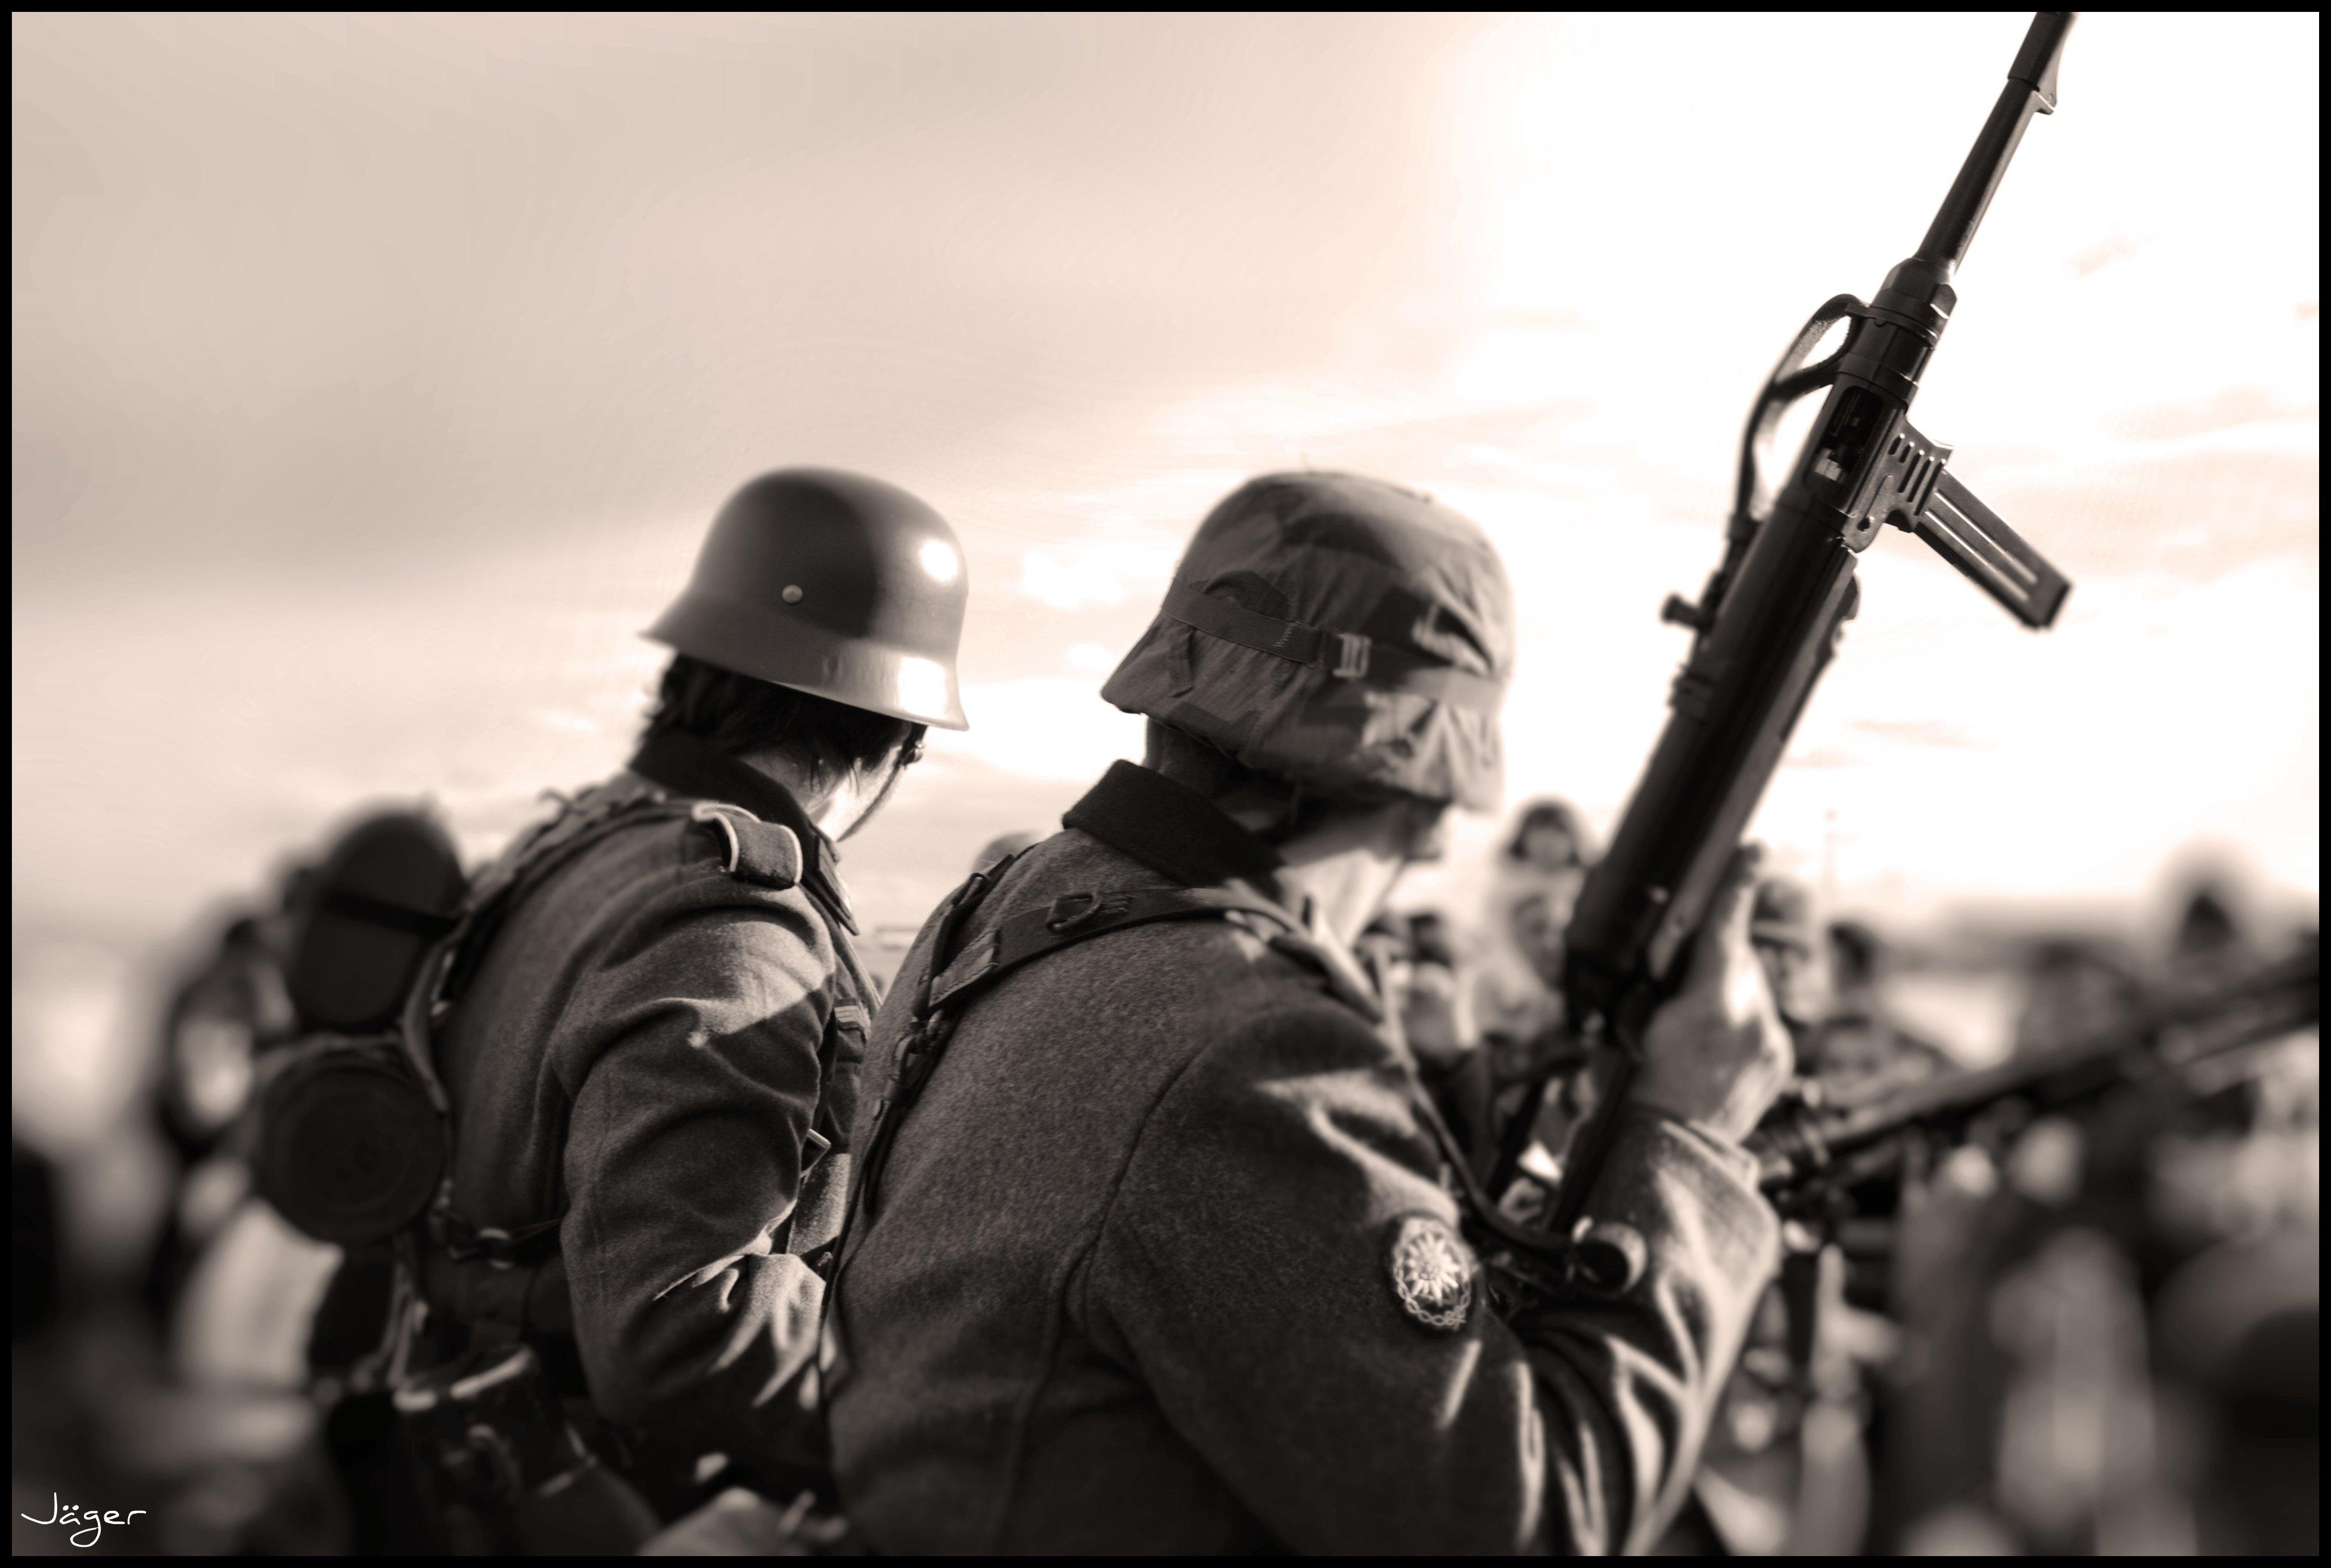 Militär - Künstlerisch  Hintergrundbild